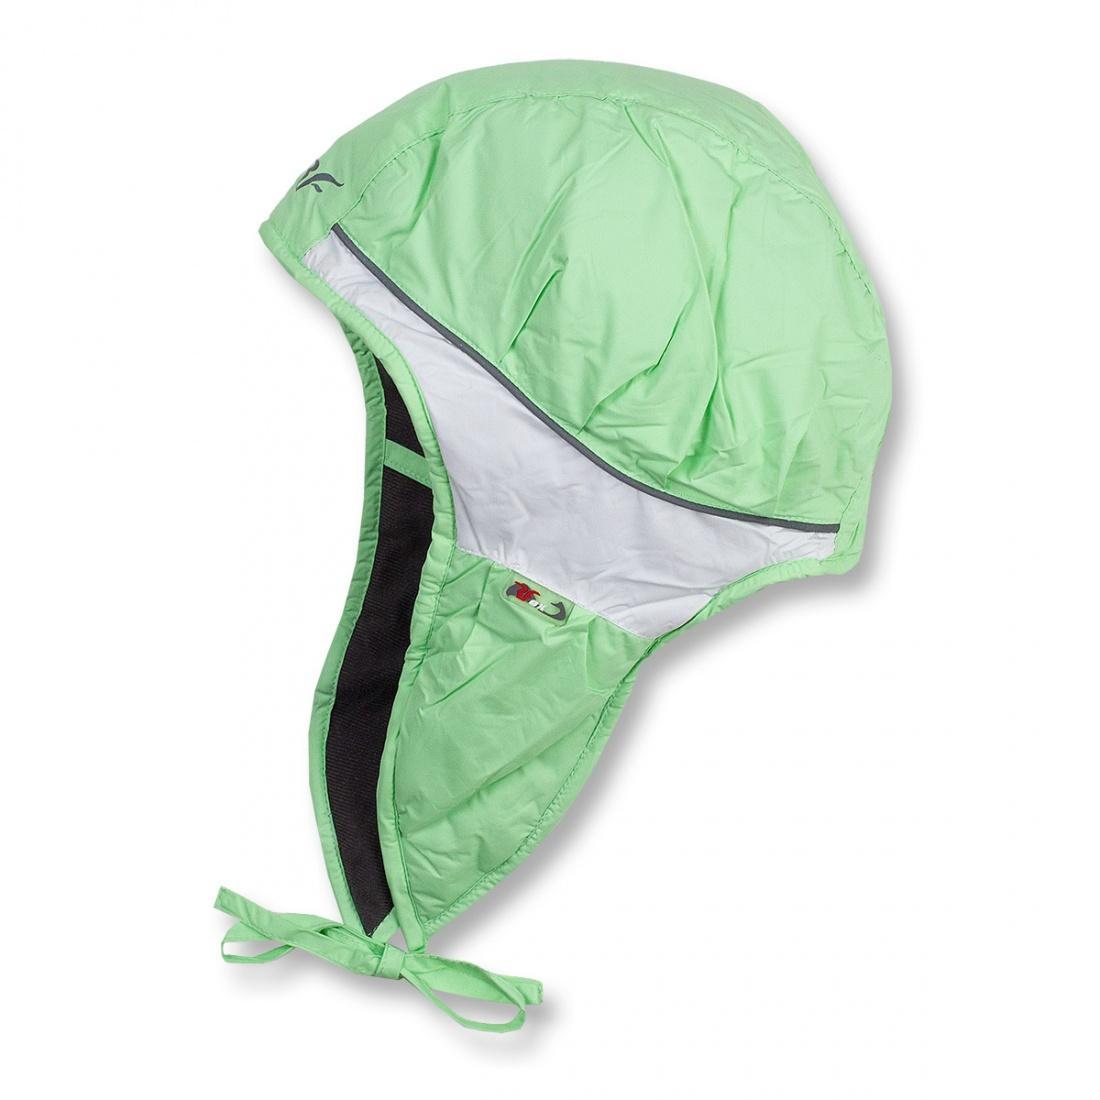 Шапка детская TressУшанки<br><br> Яркая контрастная шапочка прекрасно выделяет ребенка из толпы.<br><br> <br><br><br><br> Основной материал – Dry Factor 1000.<br><br> <br><br><br> Утеплитель – Omniterm Classic.<br><br> <br><br><br> Для детей от 1 до...<br><br>Цвет: Белый<br>Размер: XL